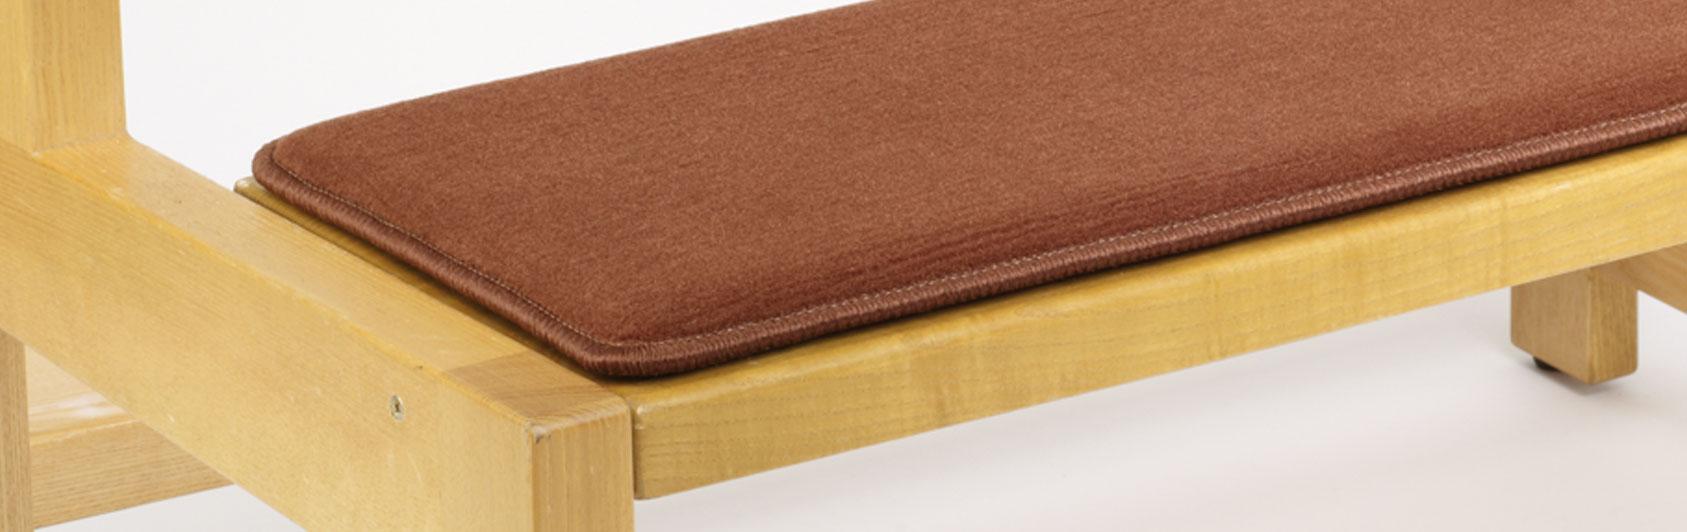 banque échantillon coussin Sitzplush code couleur 127 couleur brun rougeâtre